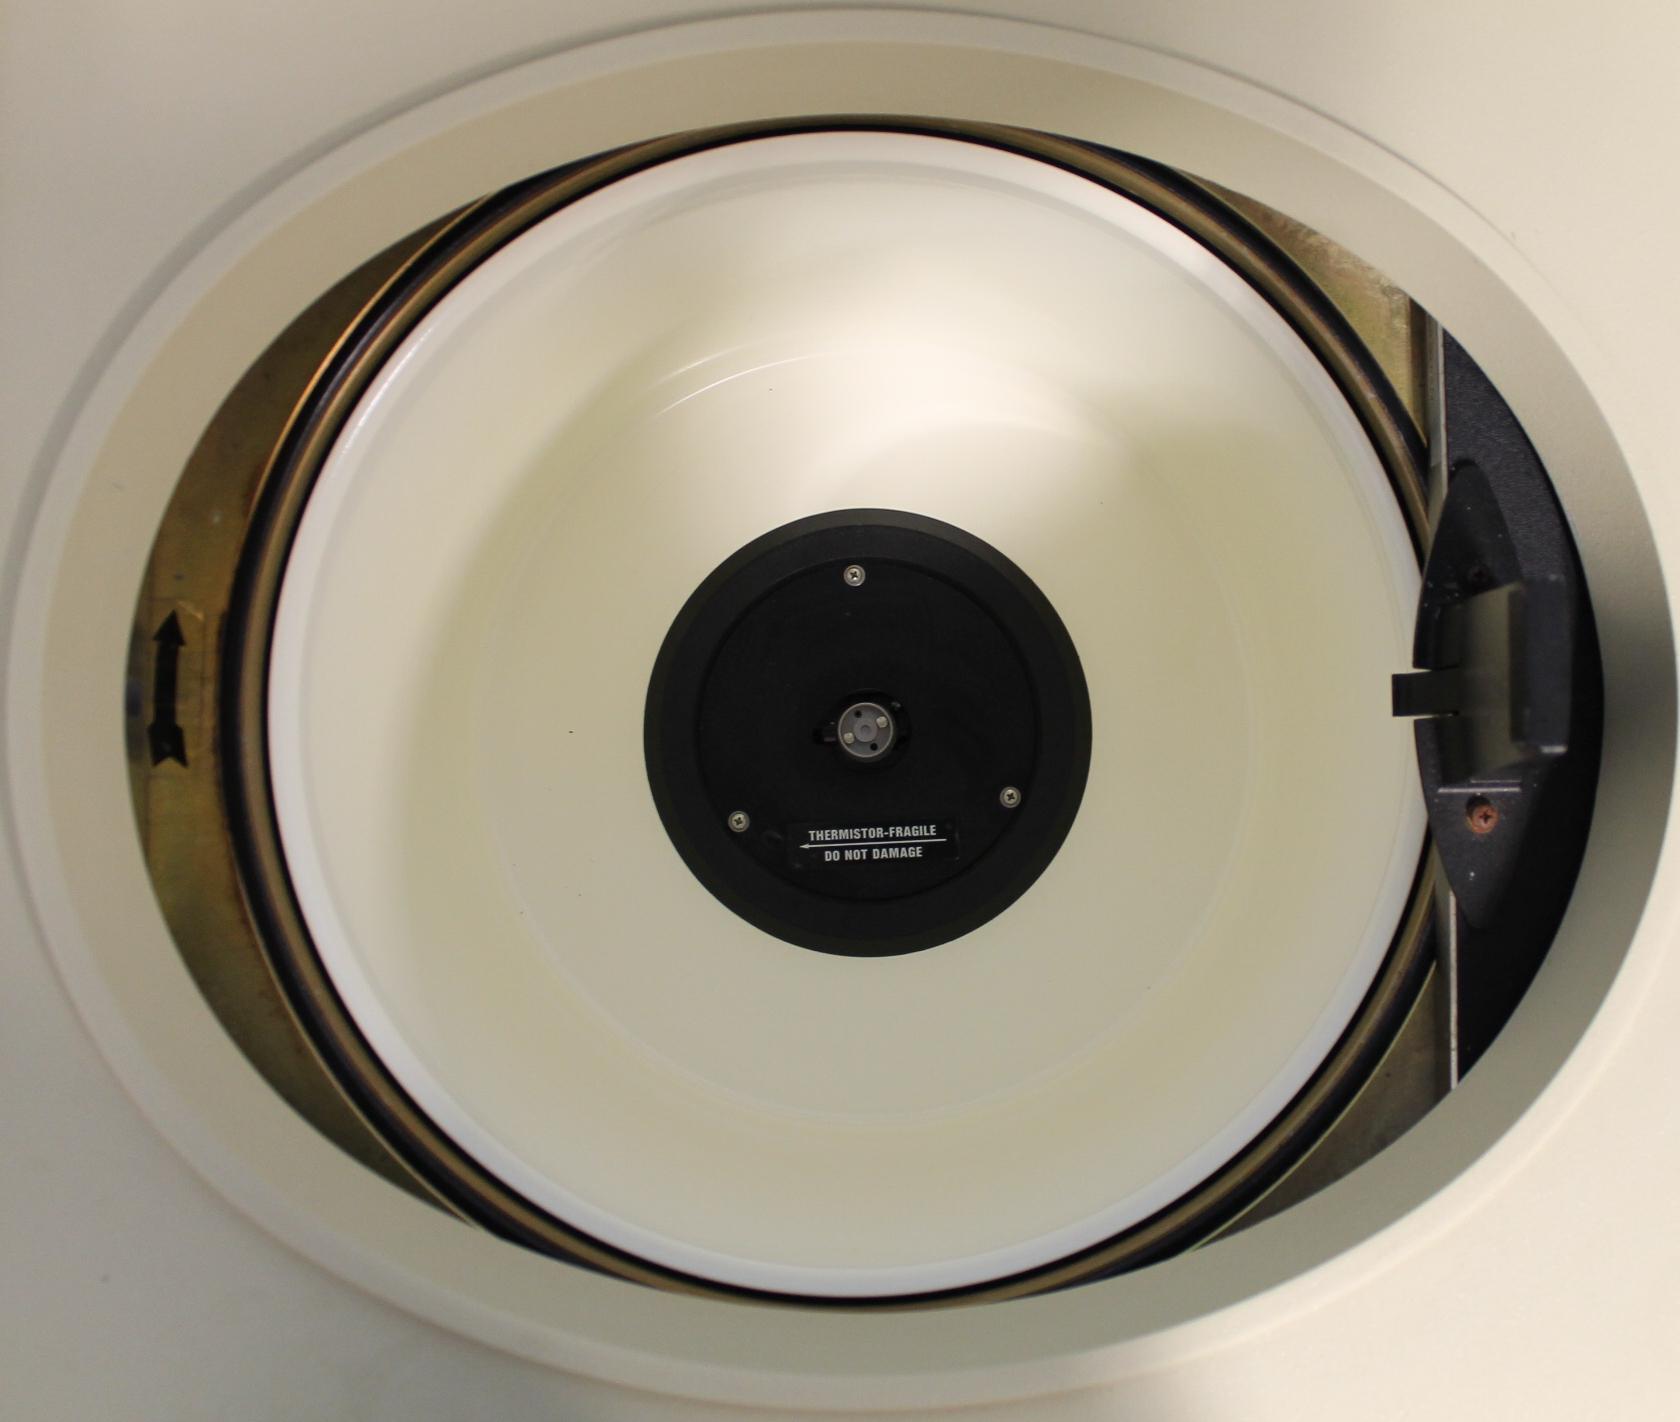 Refurbished Beckman L7 65 Ultracentrifuge